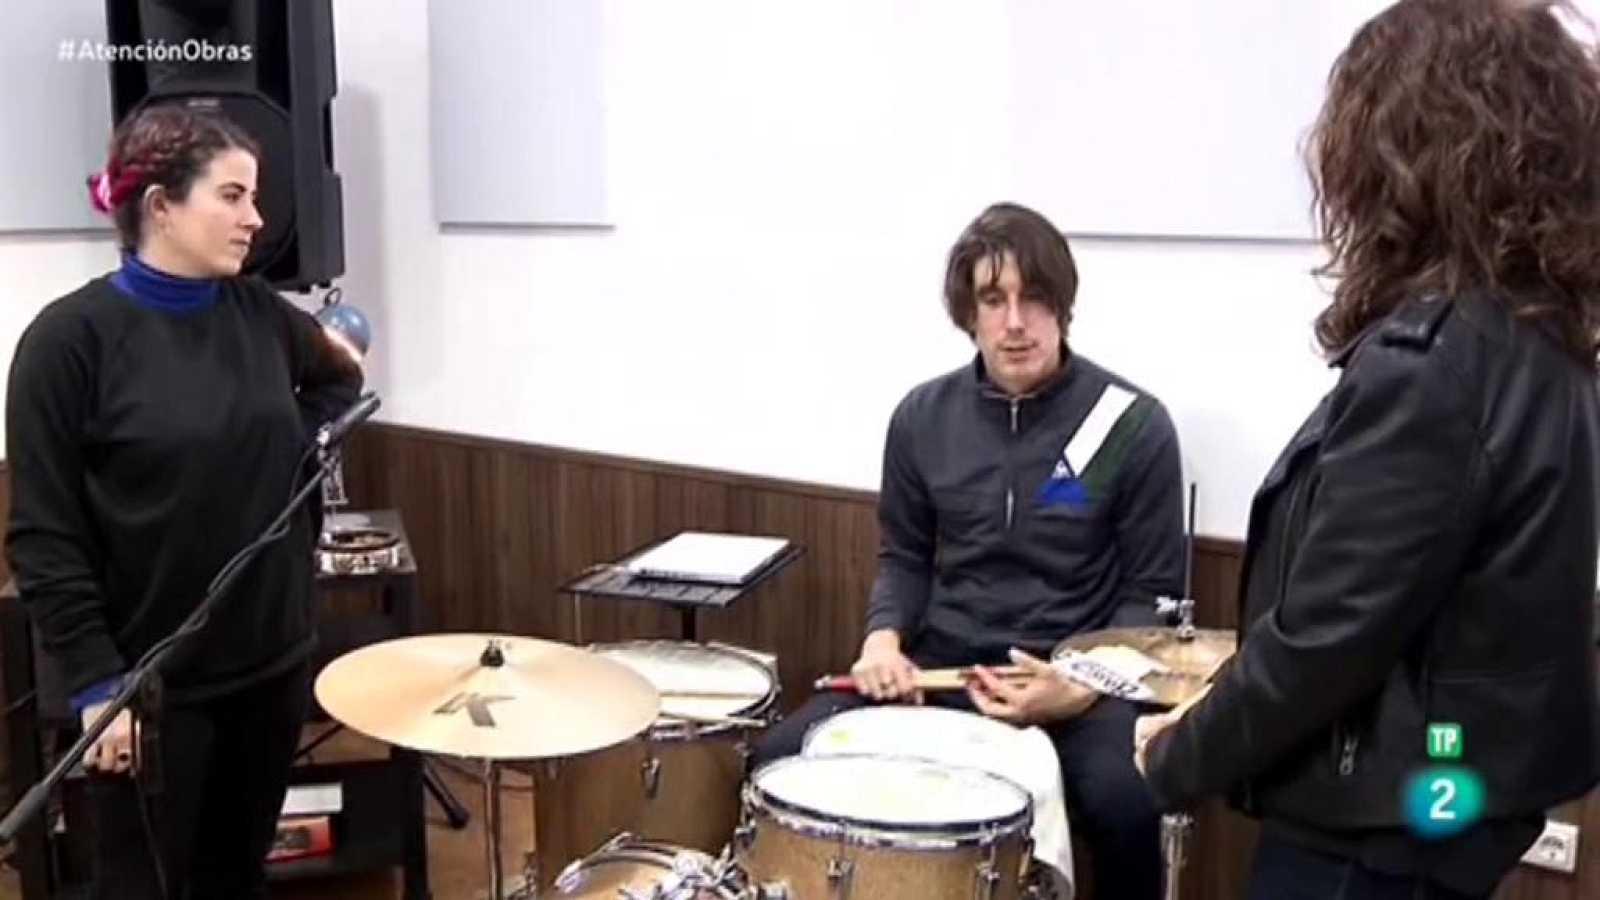 Atención obras - Segunda convocatoria para músicos y bandas emergentes